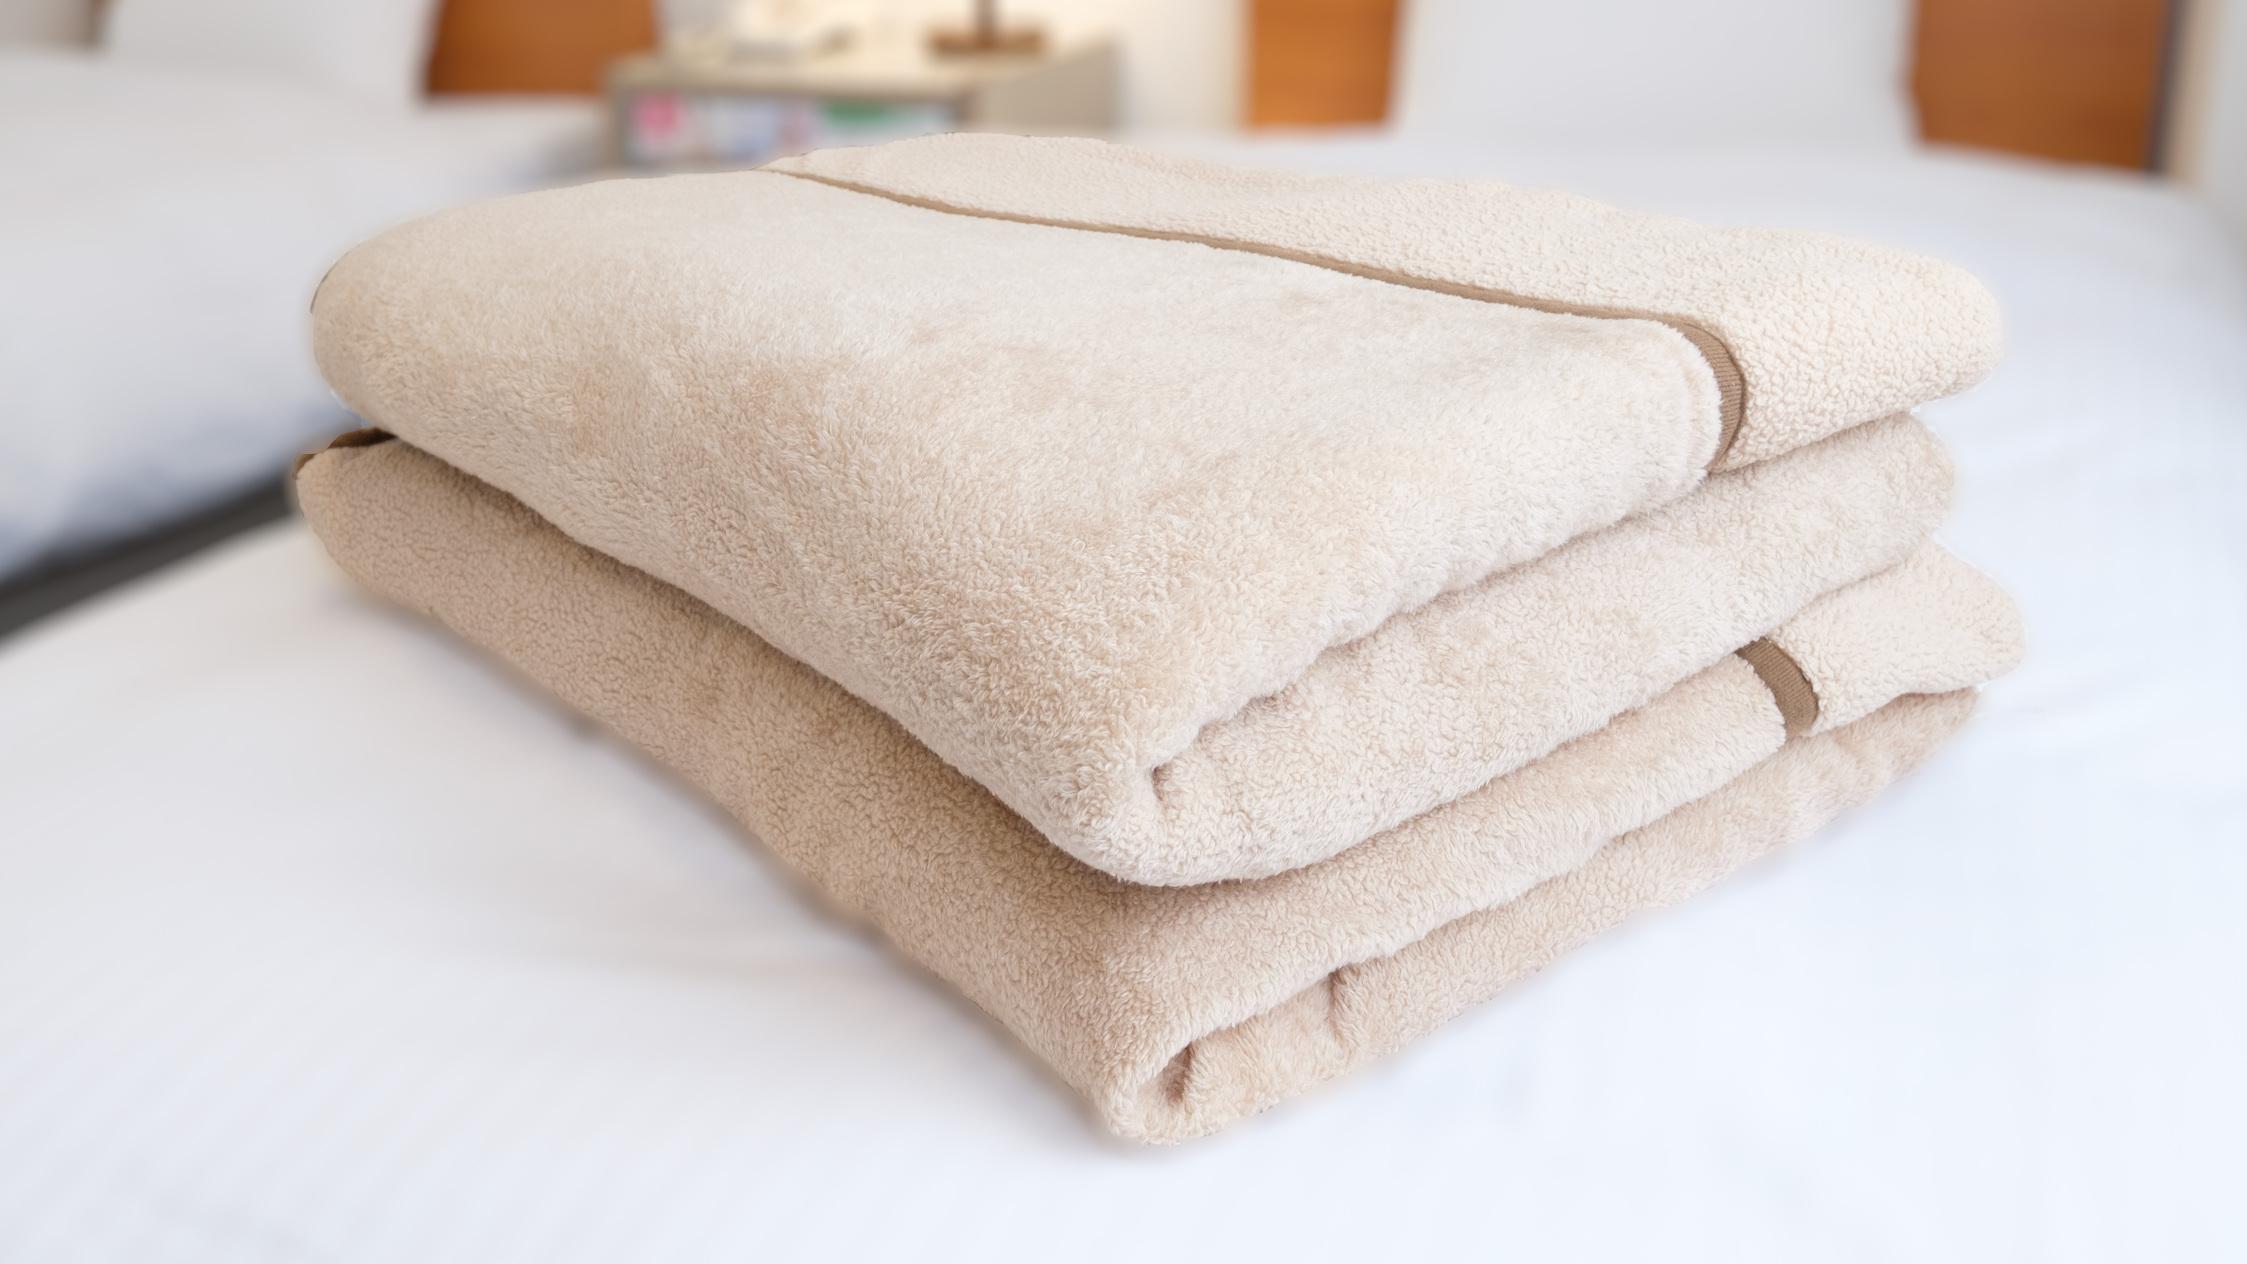 【貸出】毛布ございます。フロントへお申し付けください。